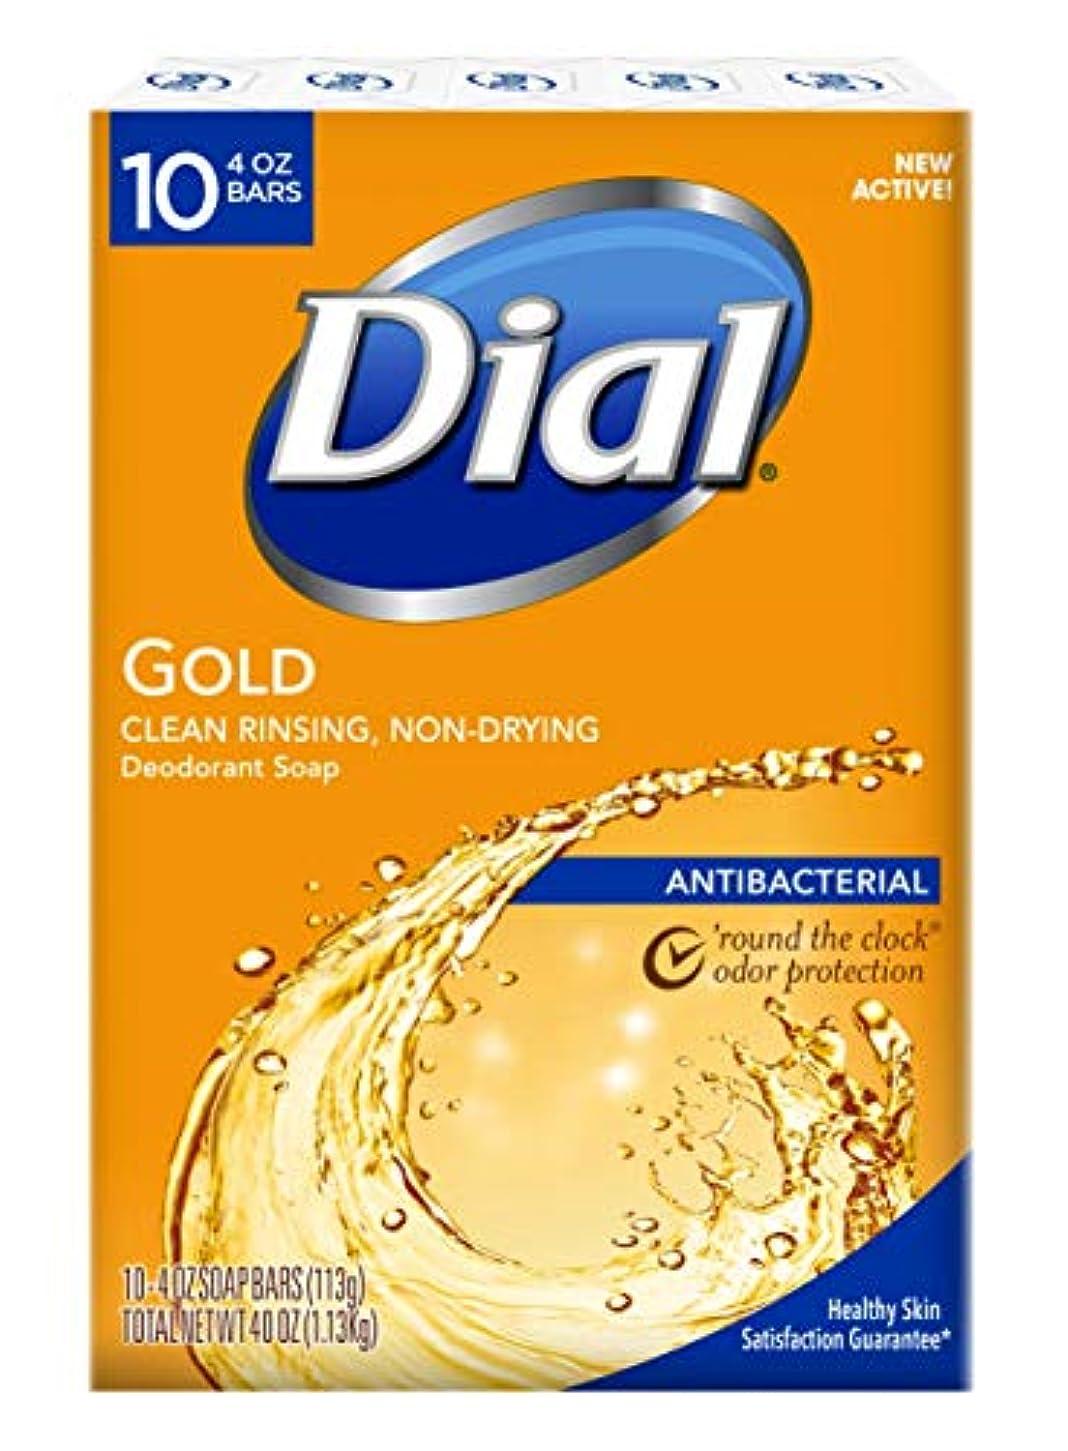 キャストに負ける安息Dial Antibacterial Deodorant Bar Soap, Gold, 4-Ounce Bars, 10 Count (Pack of 3)